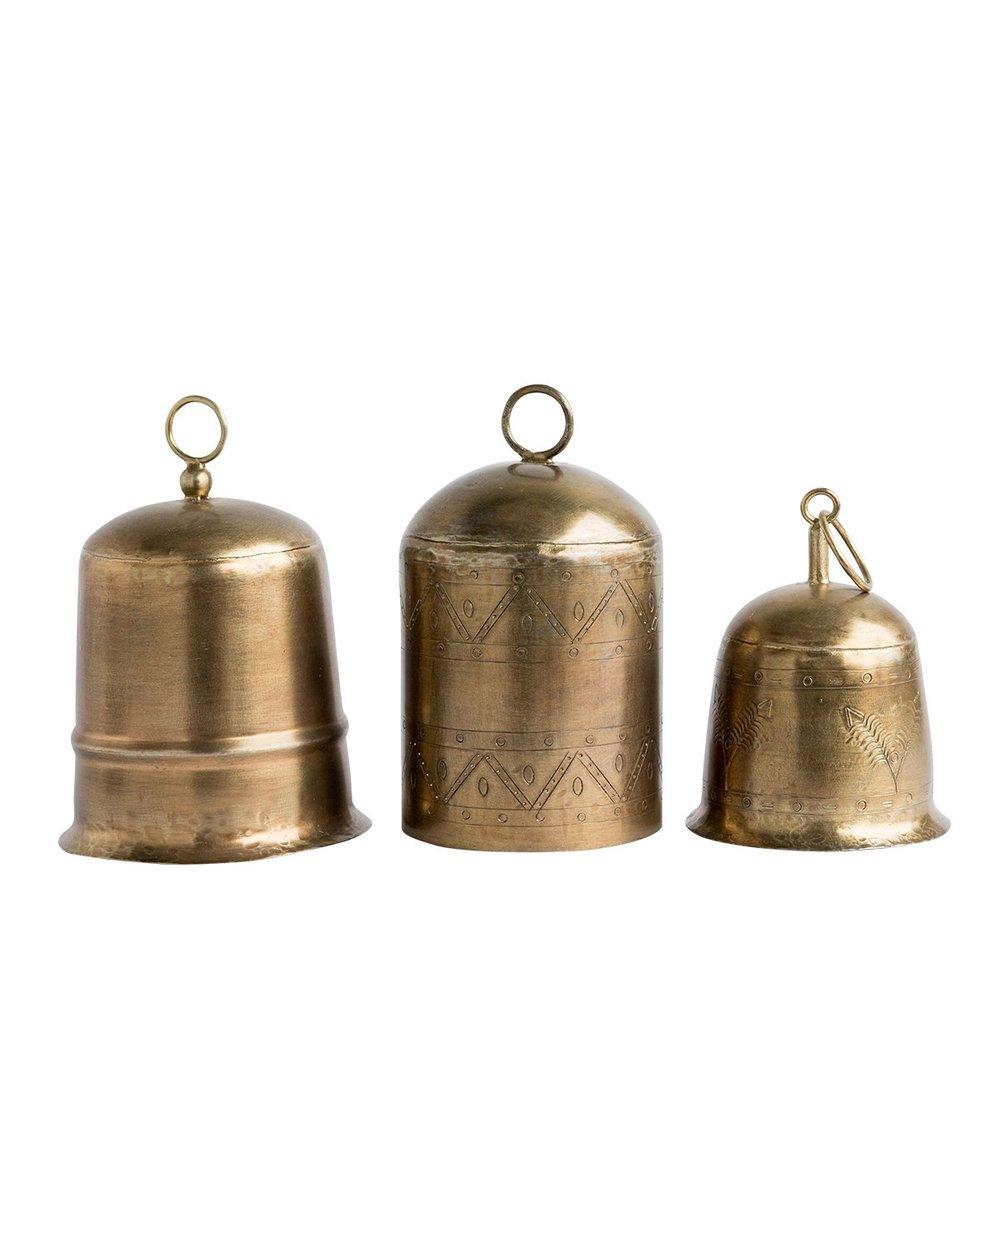 Brass_Bells_1_1c5c17bd-f686-44ac-a082-29edd6394a2c.jpg